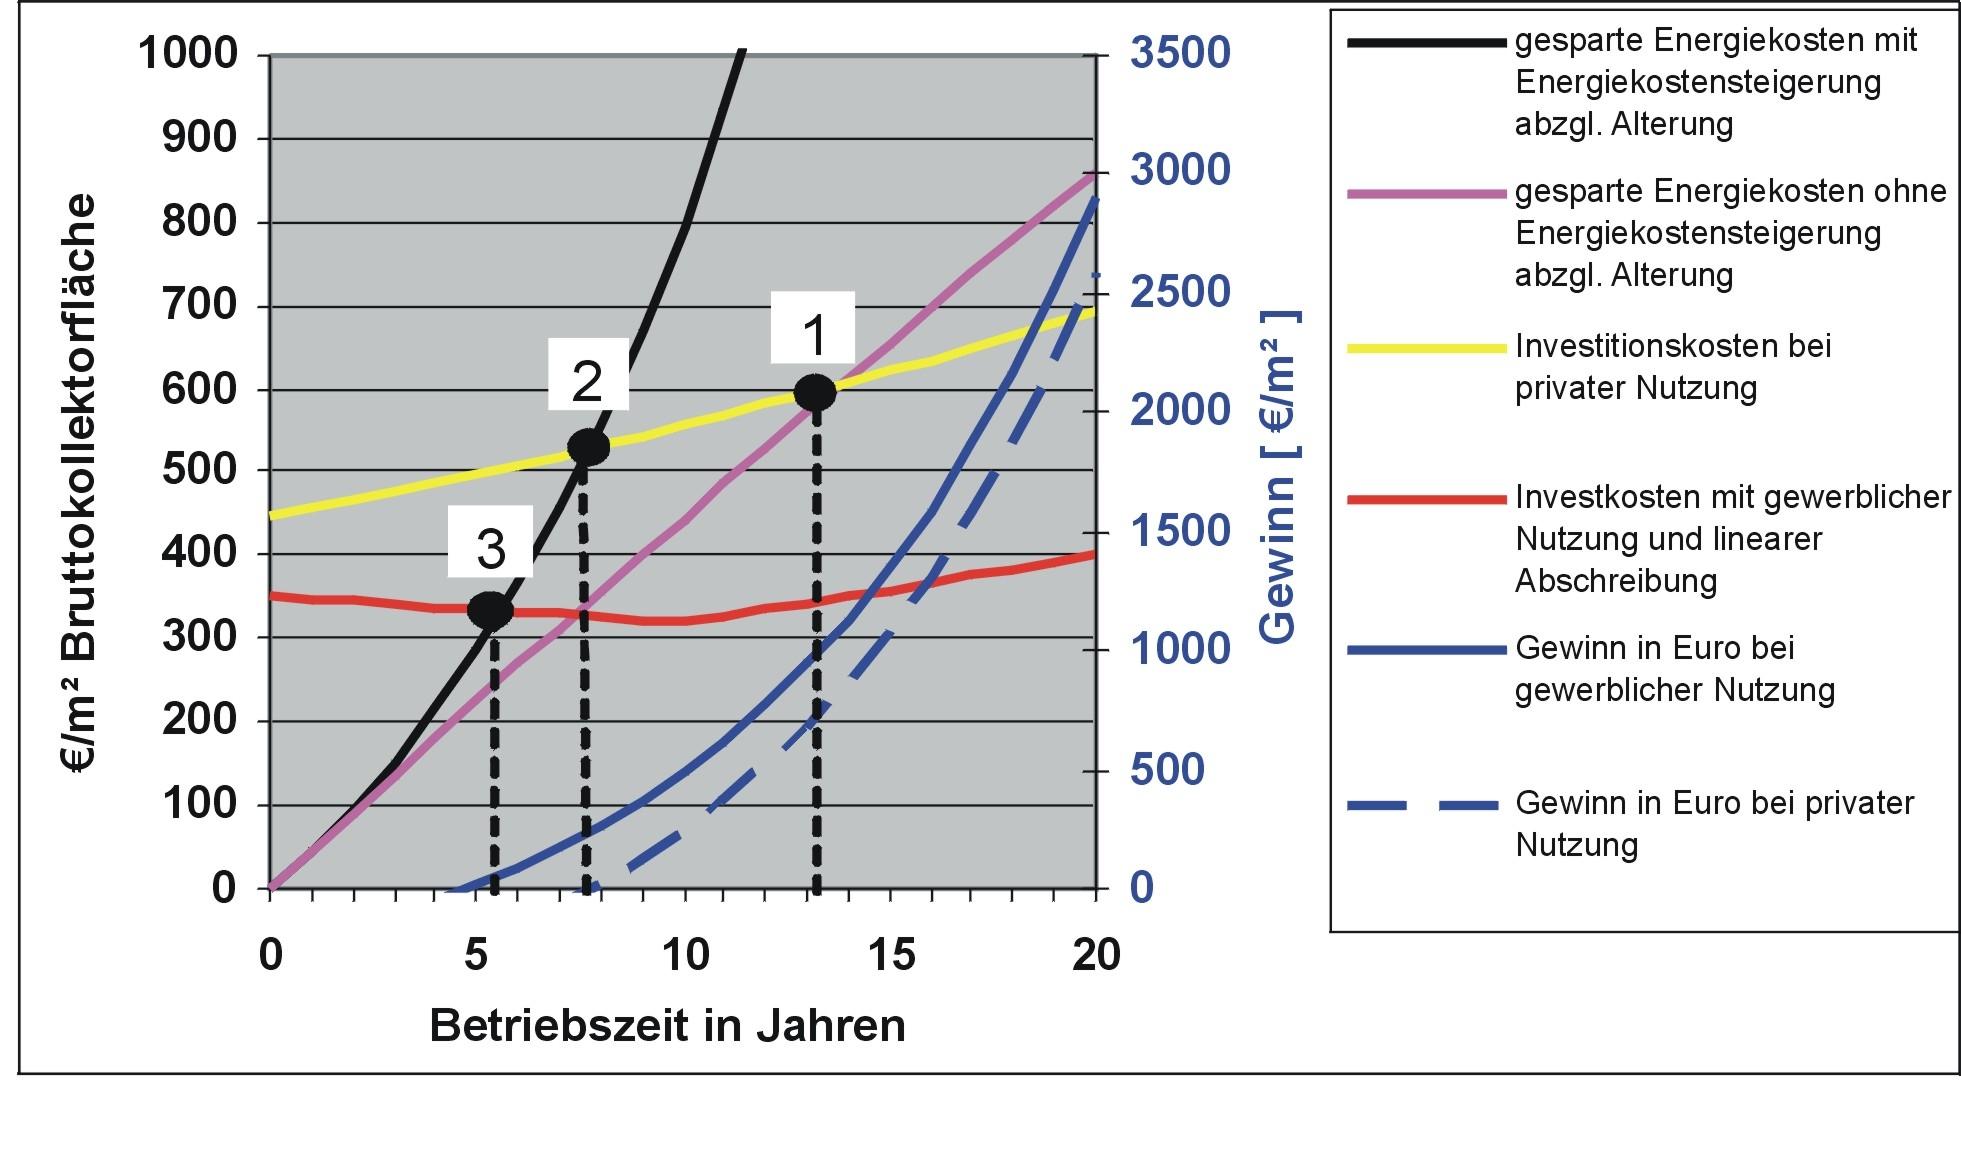 Großzügig Wie Man Ein Elektrisches Schematisches Diagramm Liest ...